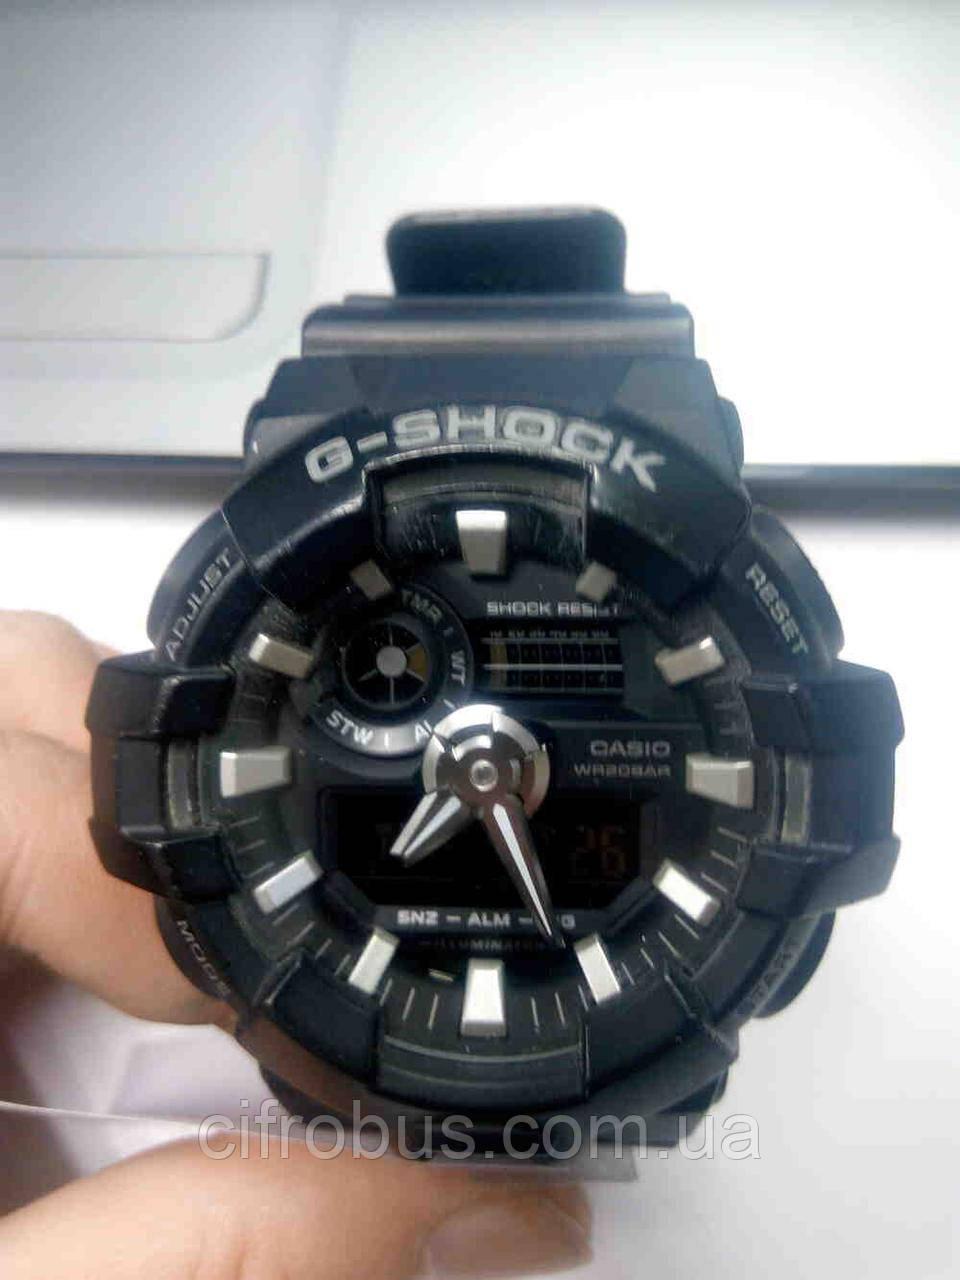 Б/У Casio GA-700